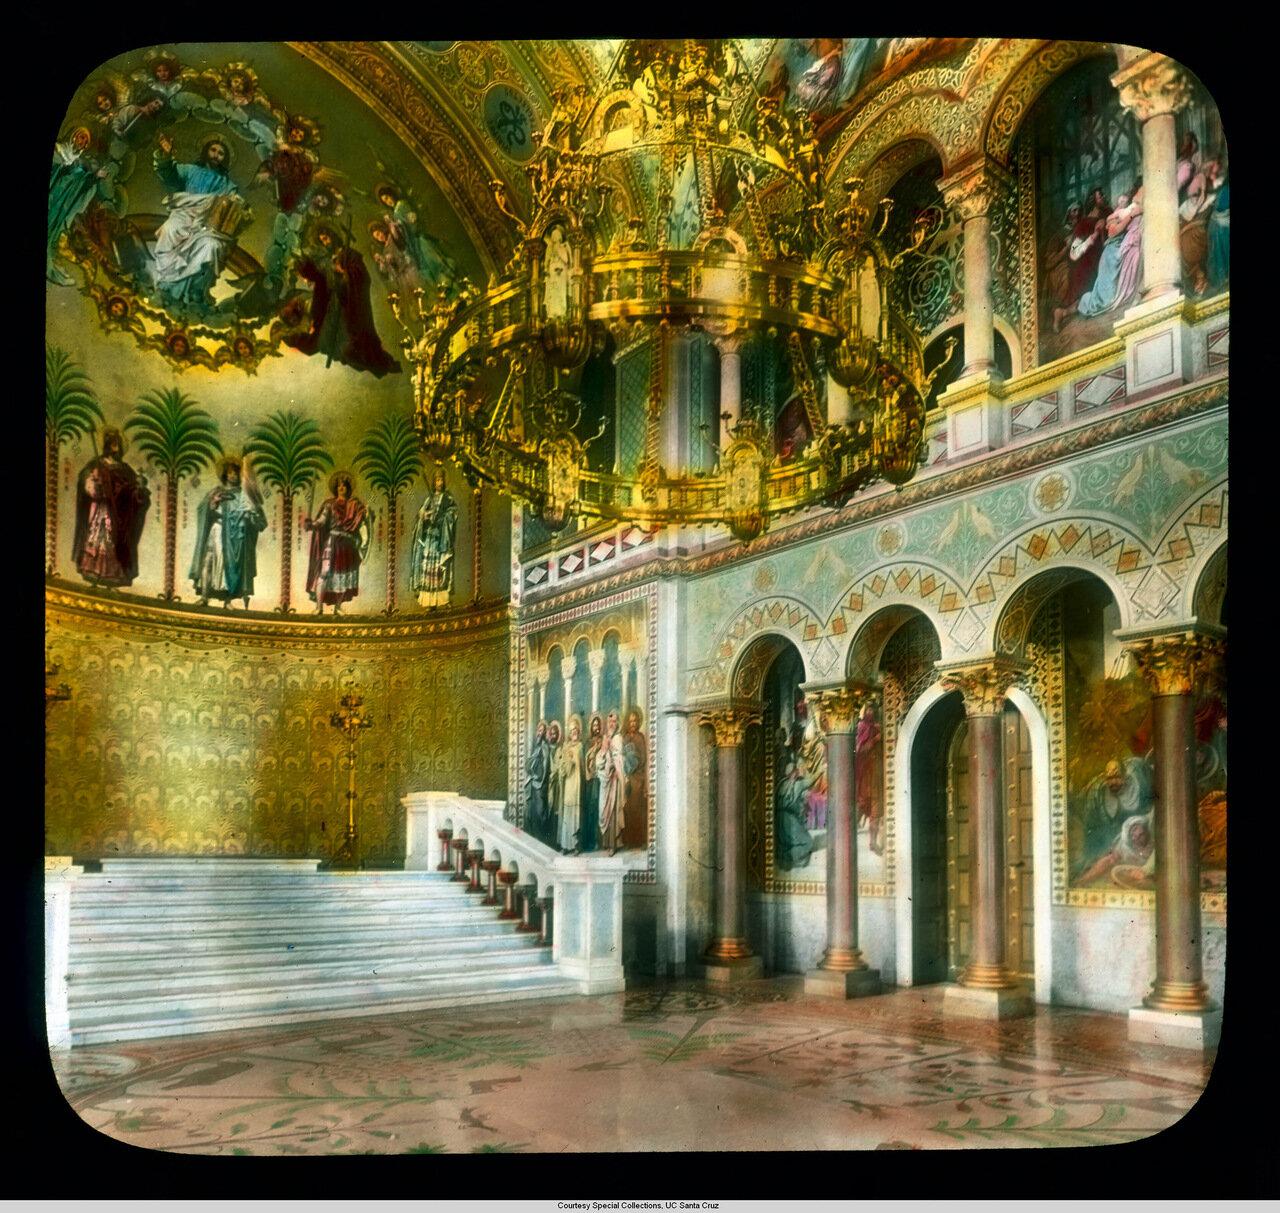 Бавария. Дворец Нойшванштайн. Тронный зал